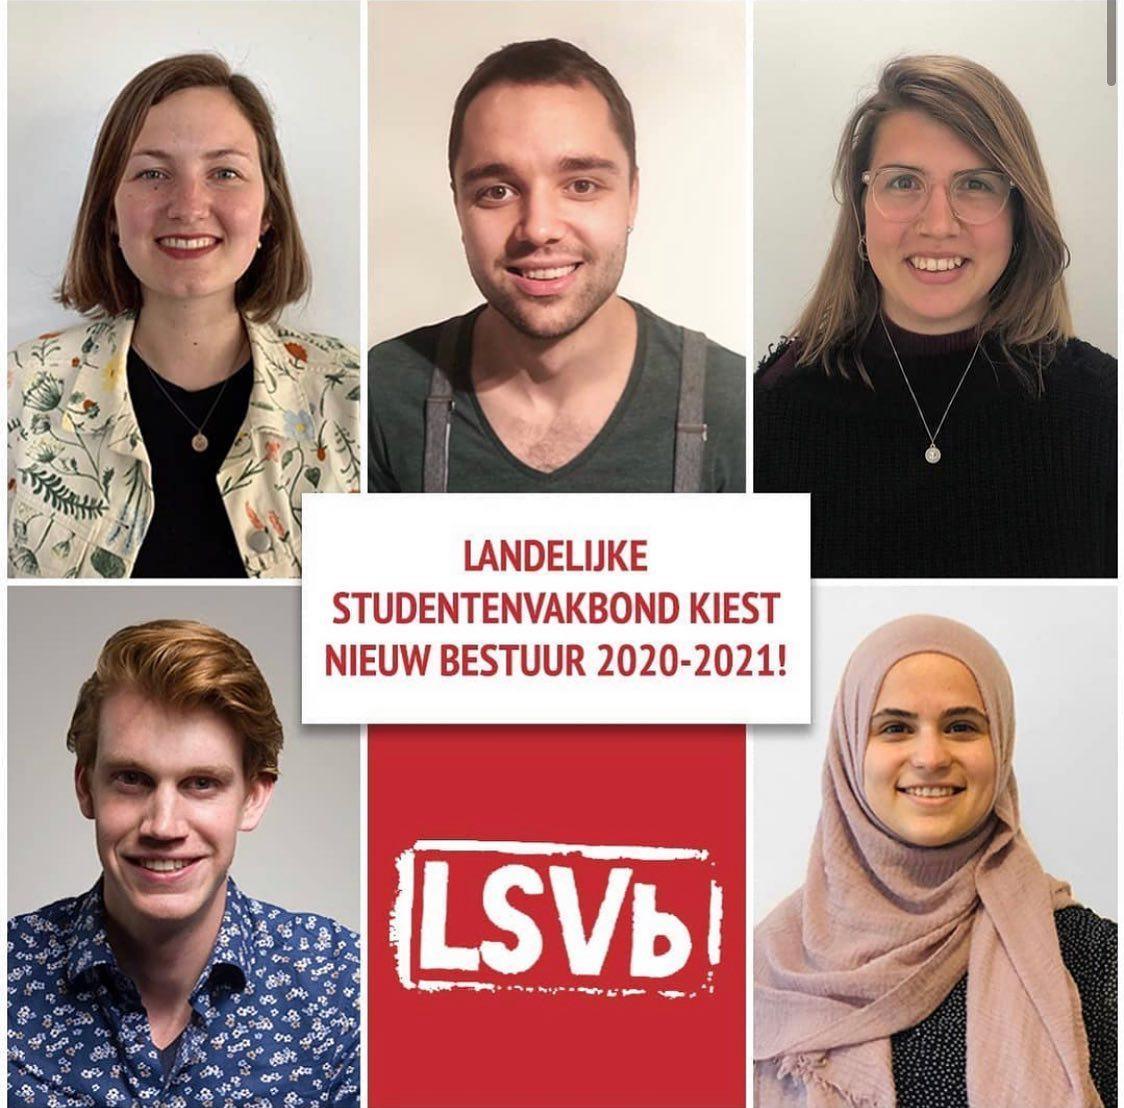 Nieuw bestuur LSVb met Esma!